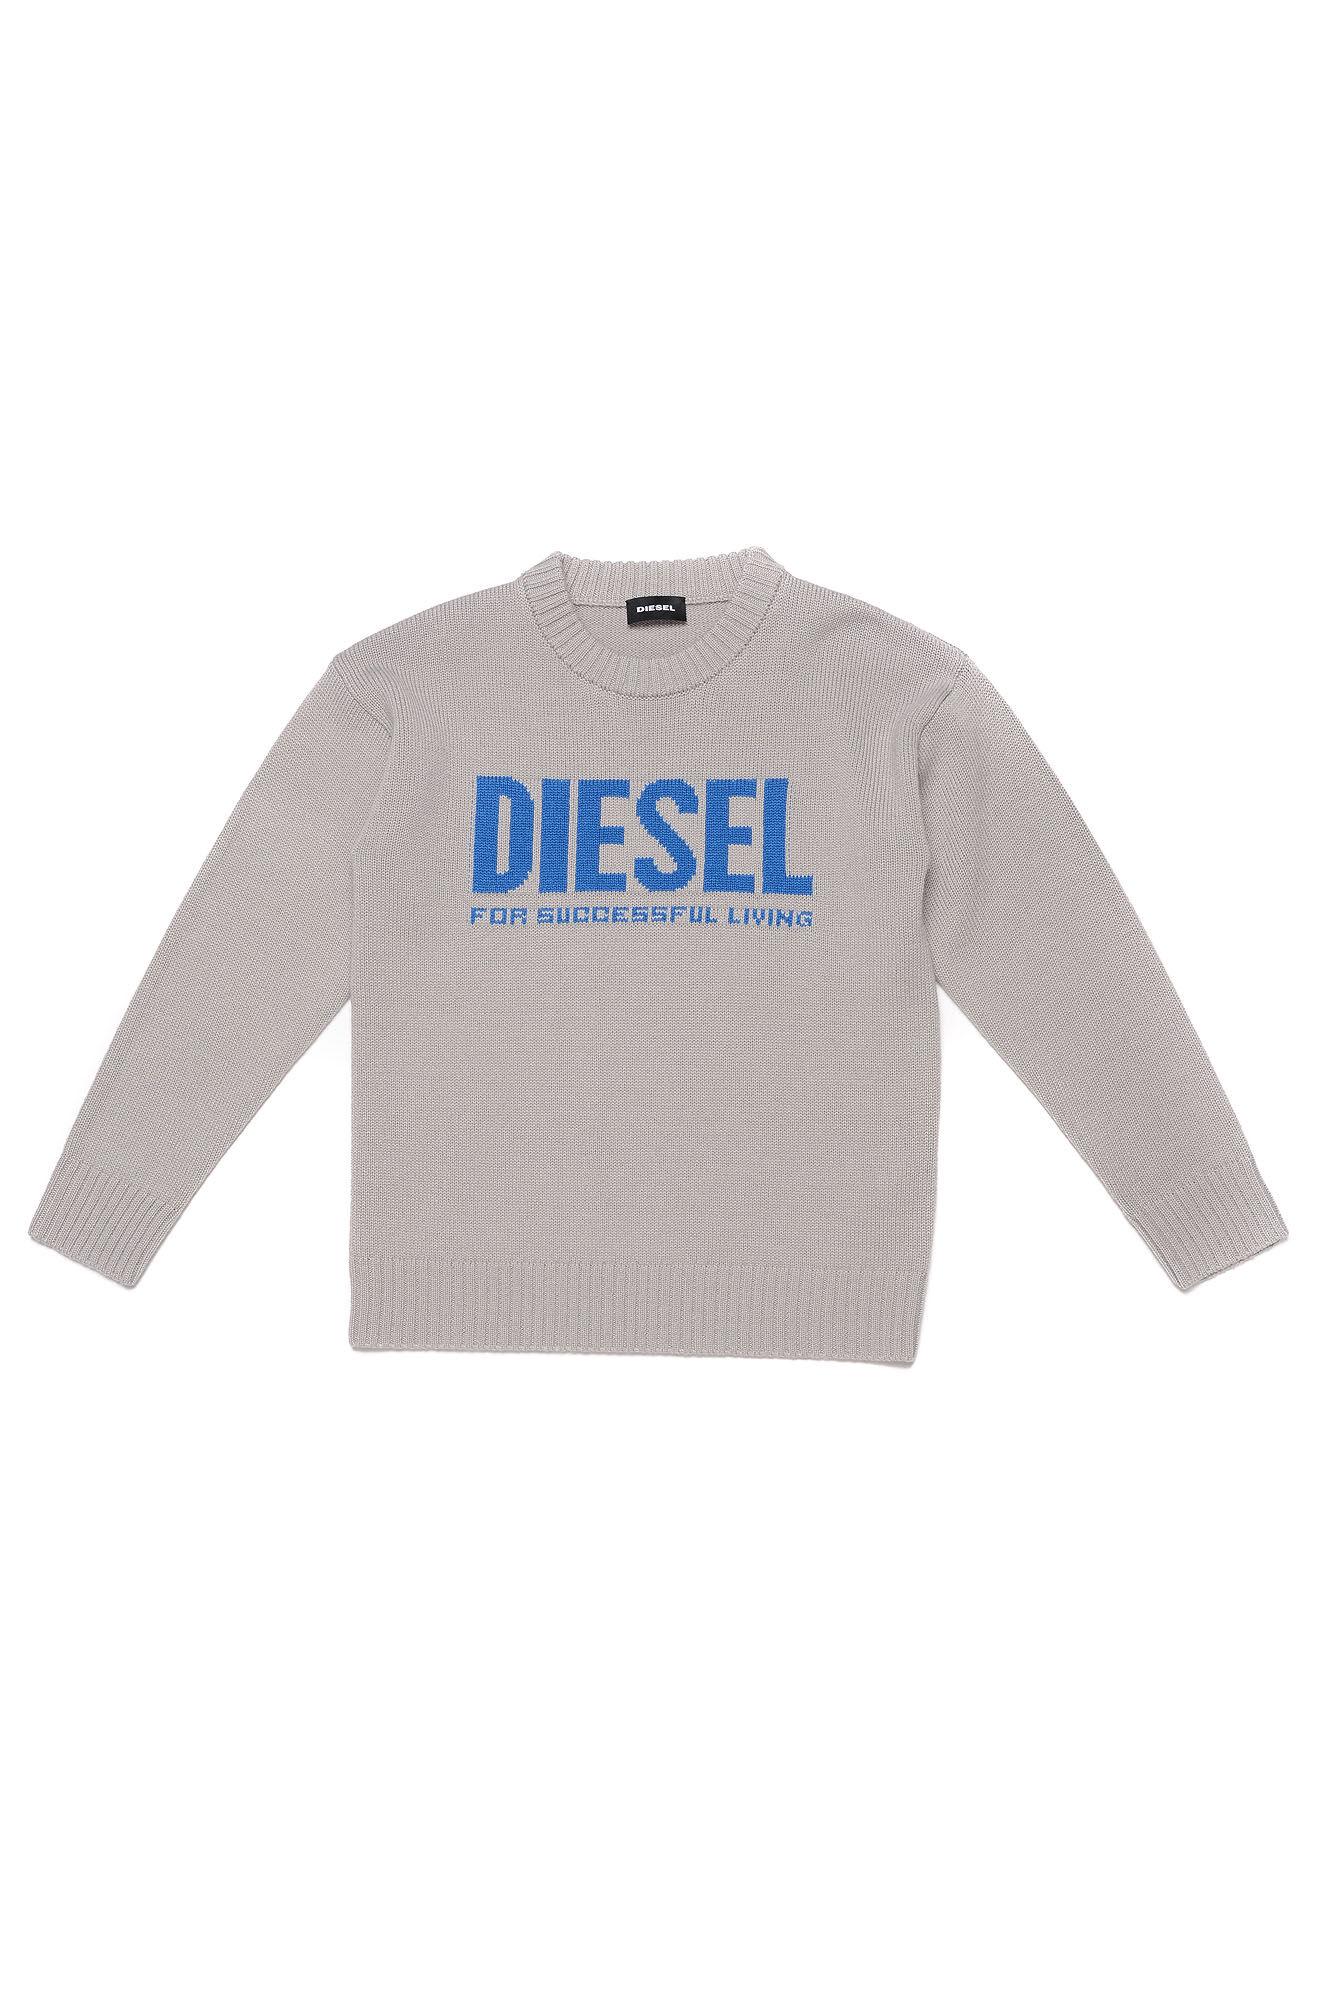 Klogosx Maglia - Diesel Kid